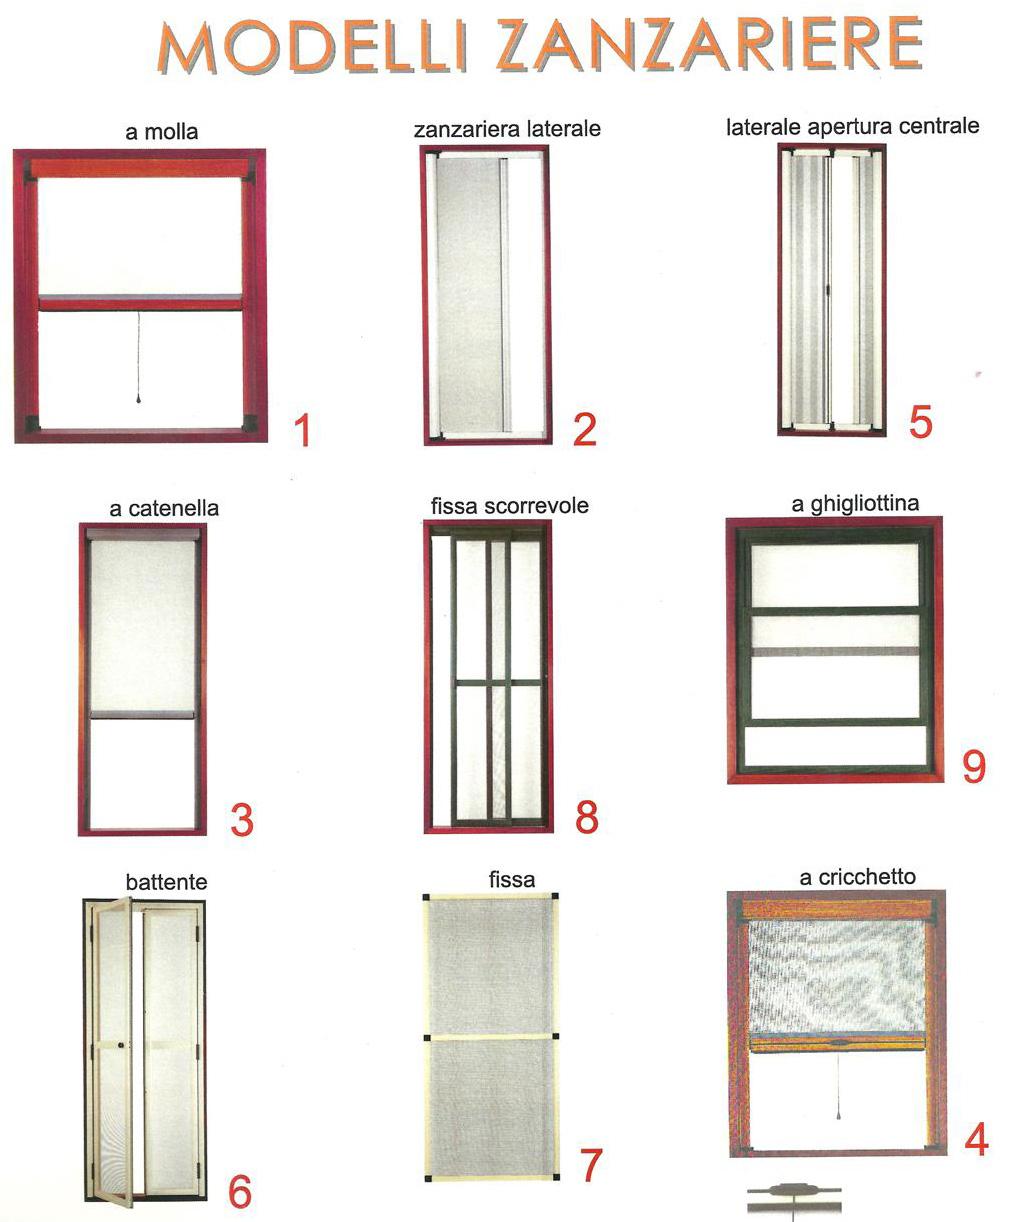 Modelli zanzariere by eurotende sistemi per tende zanzariere - Zanzariere magnetiche per finestre ...